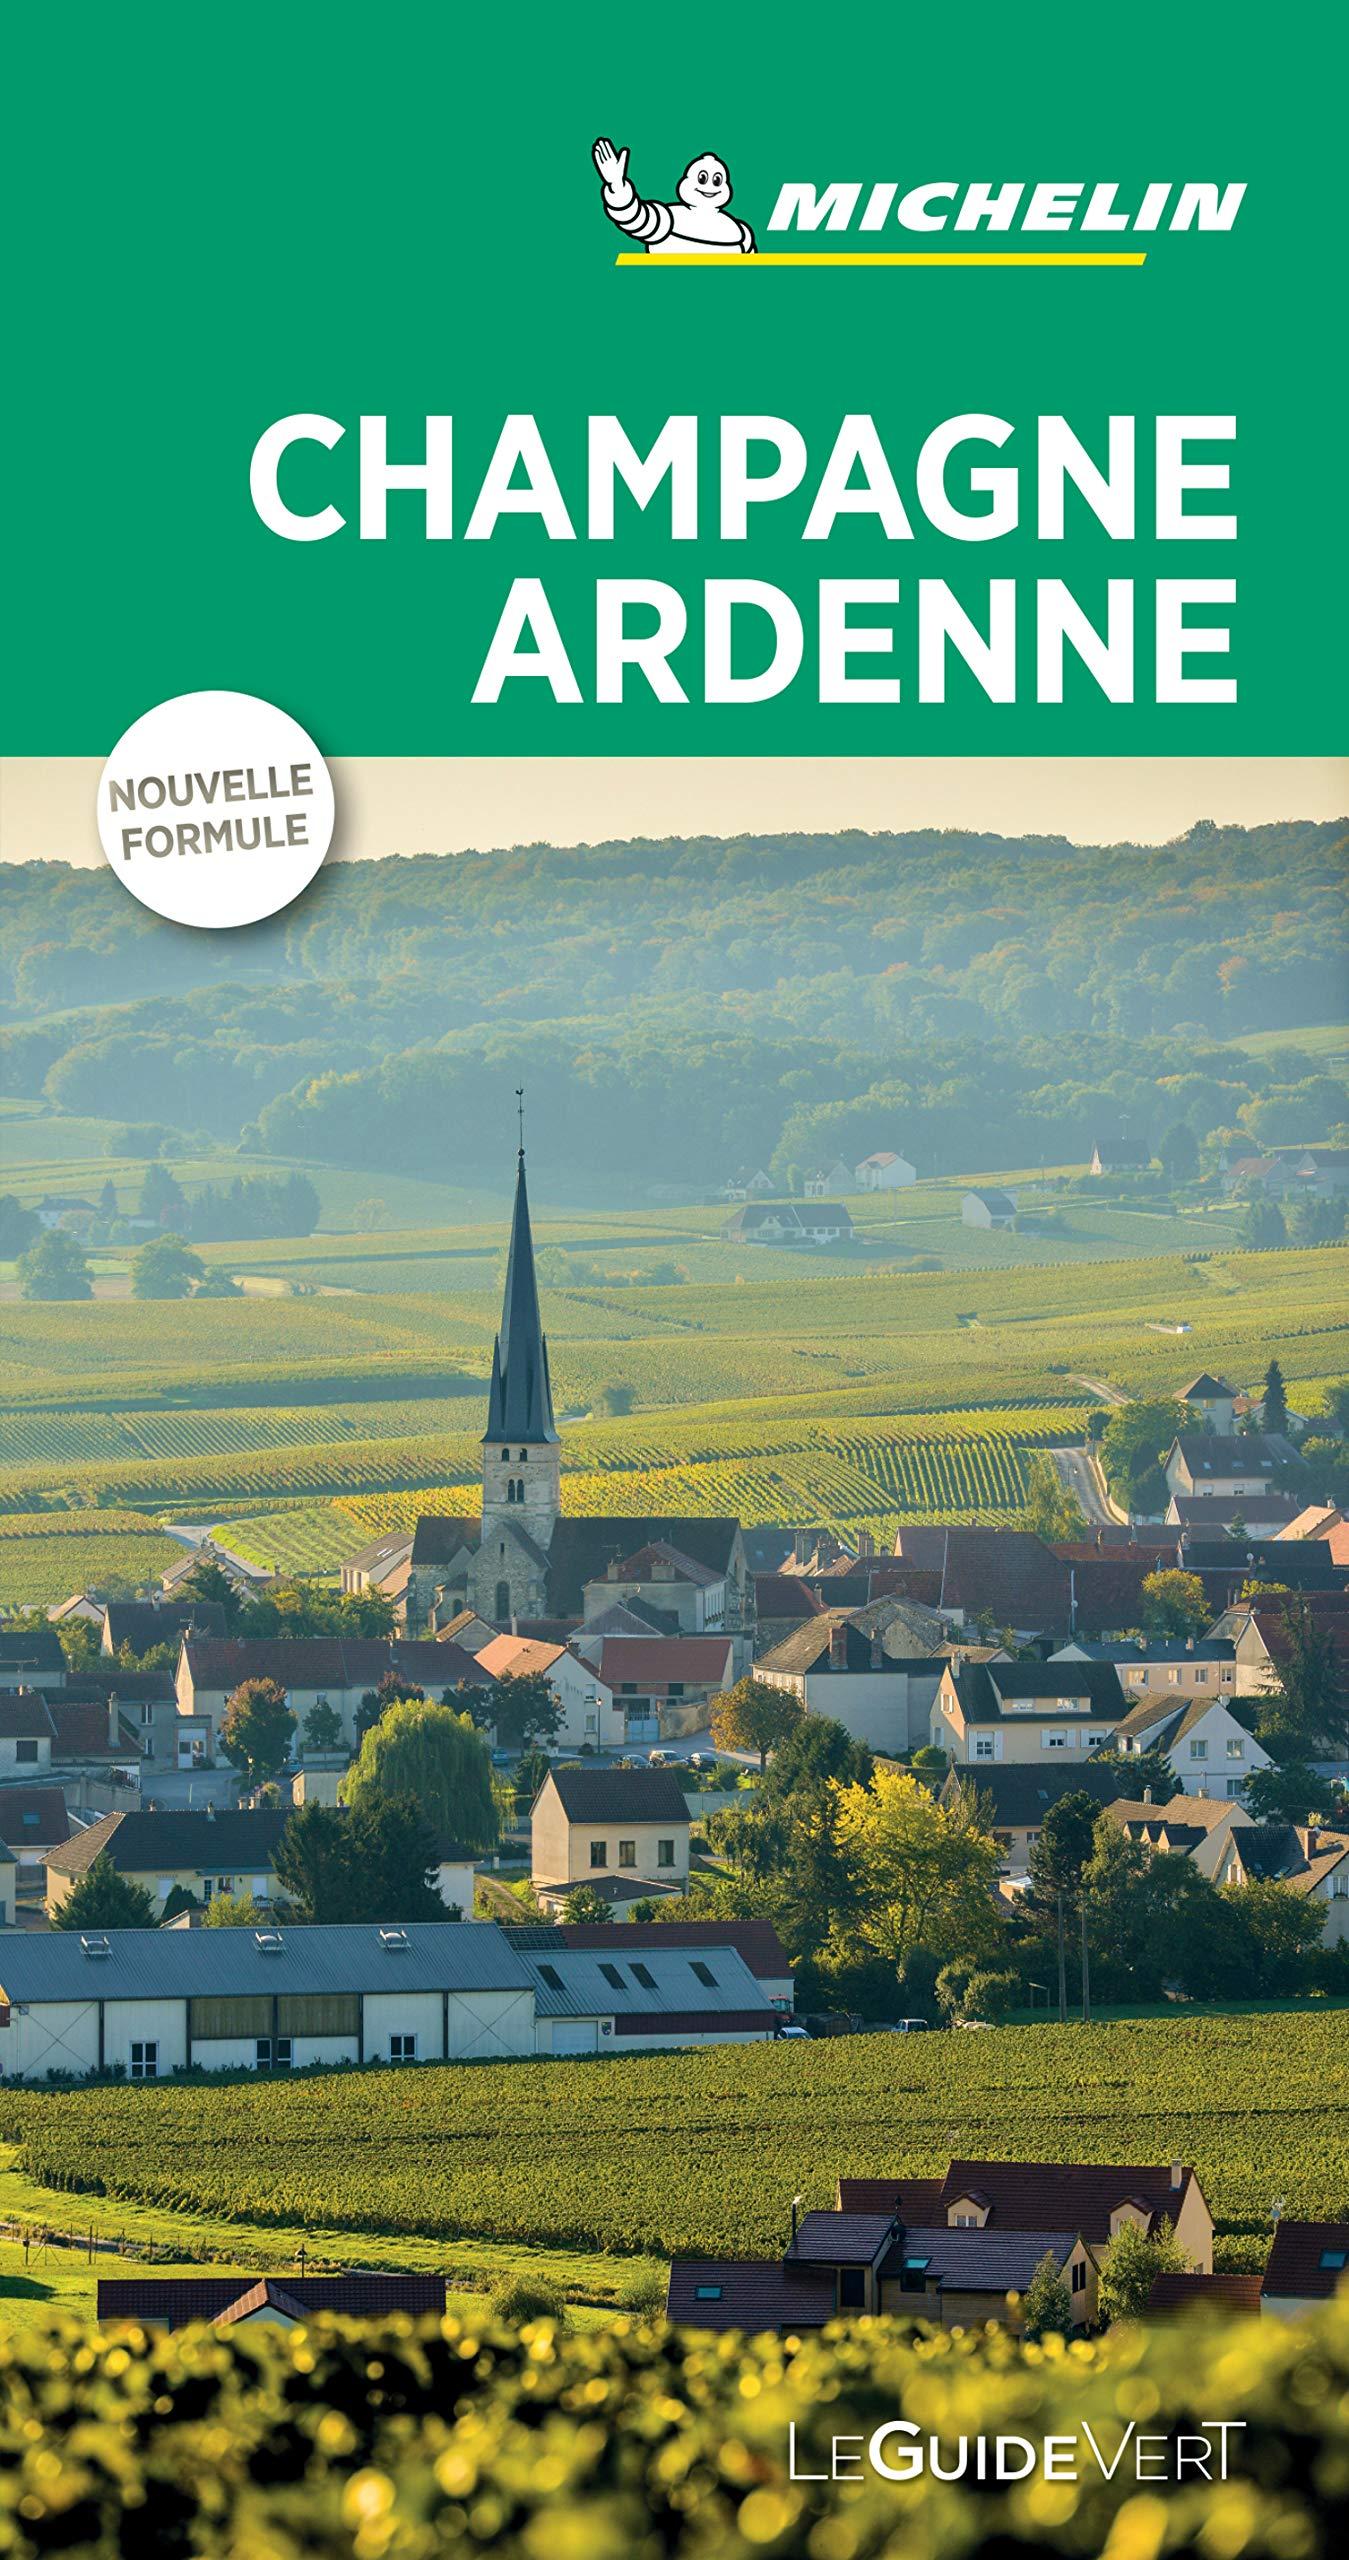 Champagne Ardenne Le Guide Vert La Guía Verde Michelin: Amazon.es: MICHELIN: Libros en idiomas extranjeros